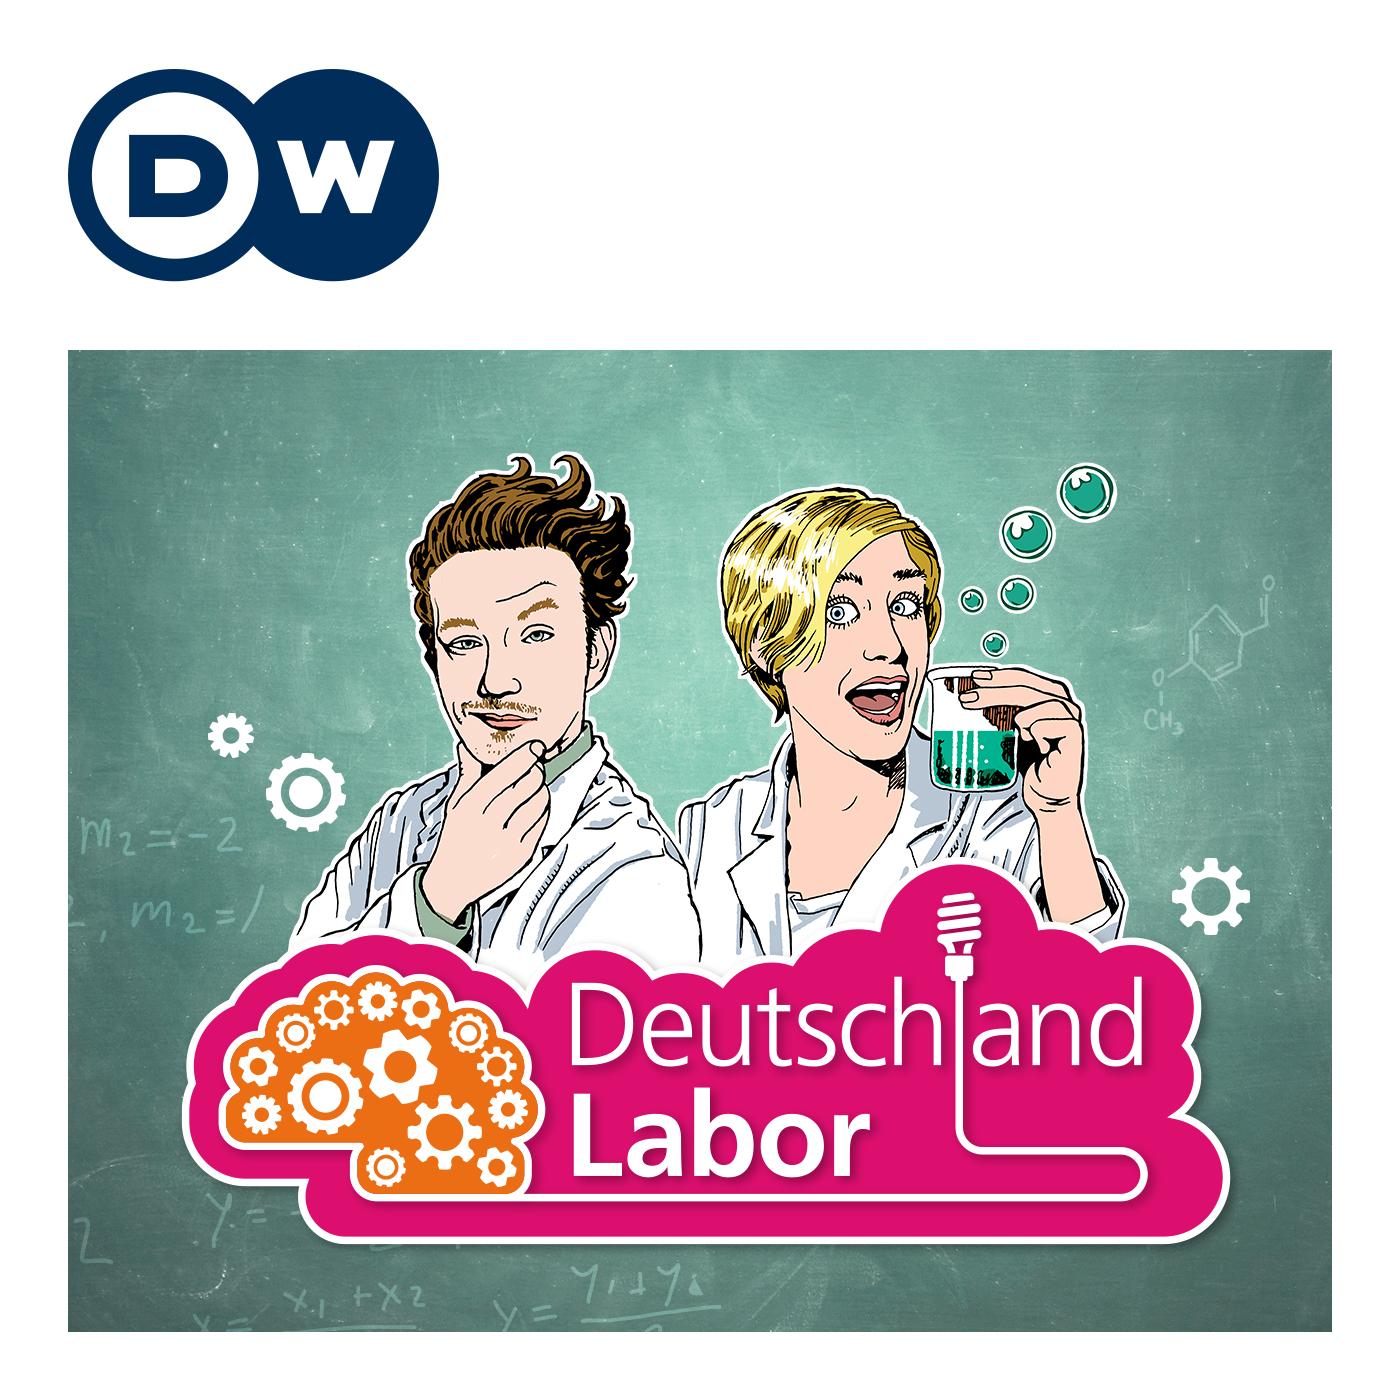 Das Deutschlandlabor (mit Untertiteln) | Deutsch lernen | Deutsche Welle